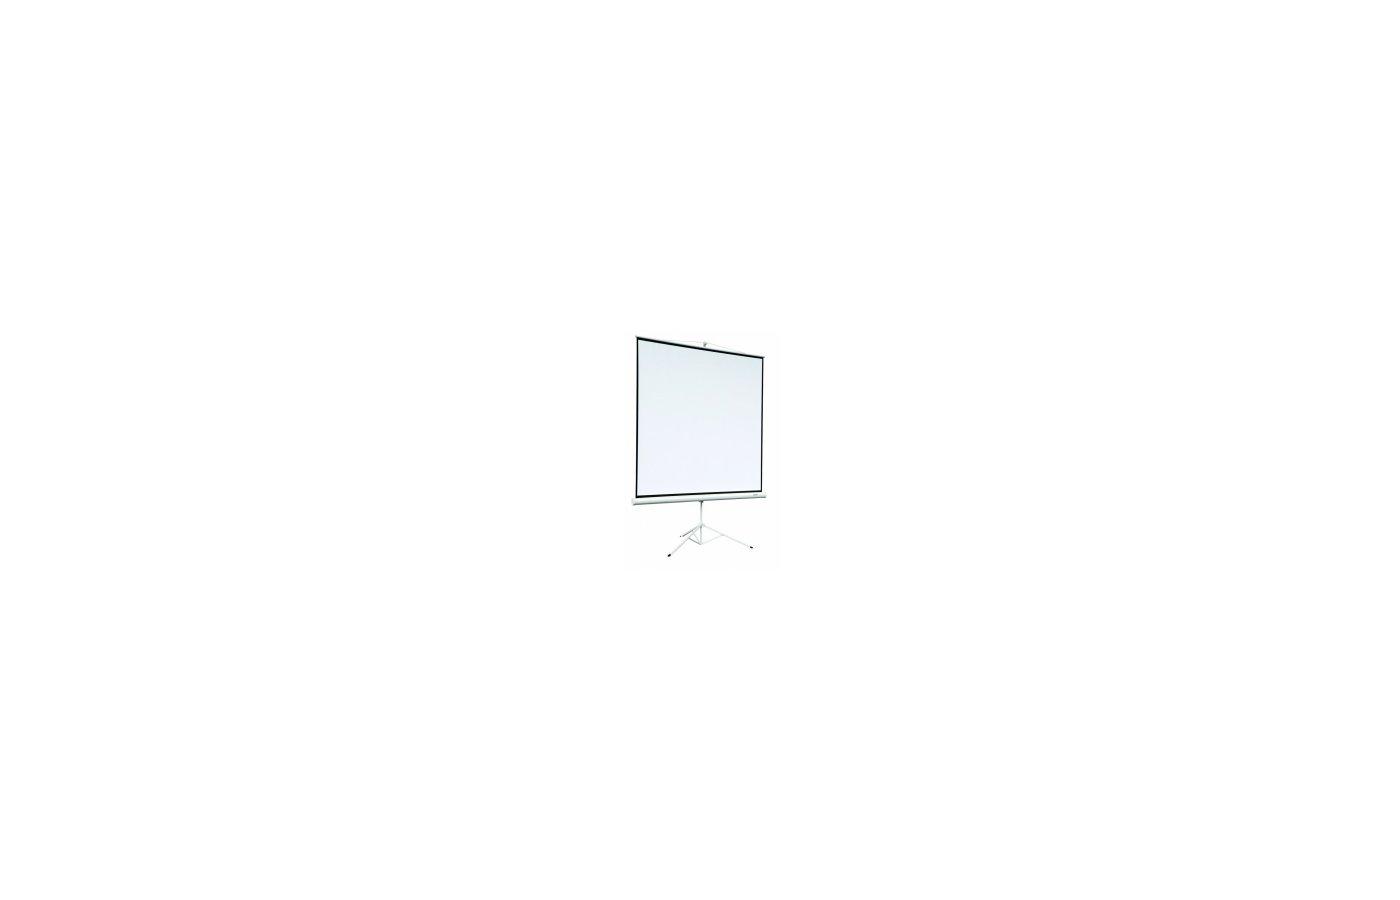 Экран для проектора Digis Kontur-A DSKA-4305 MW 180x240 (4:3) штатив